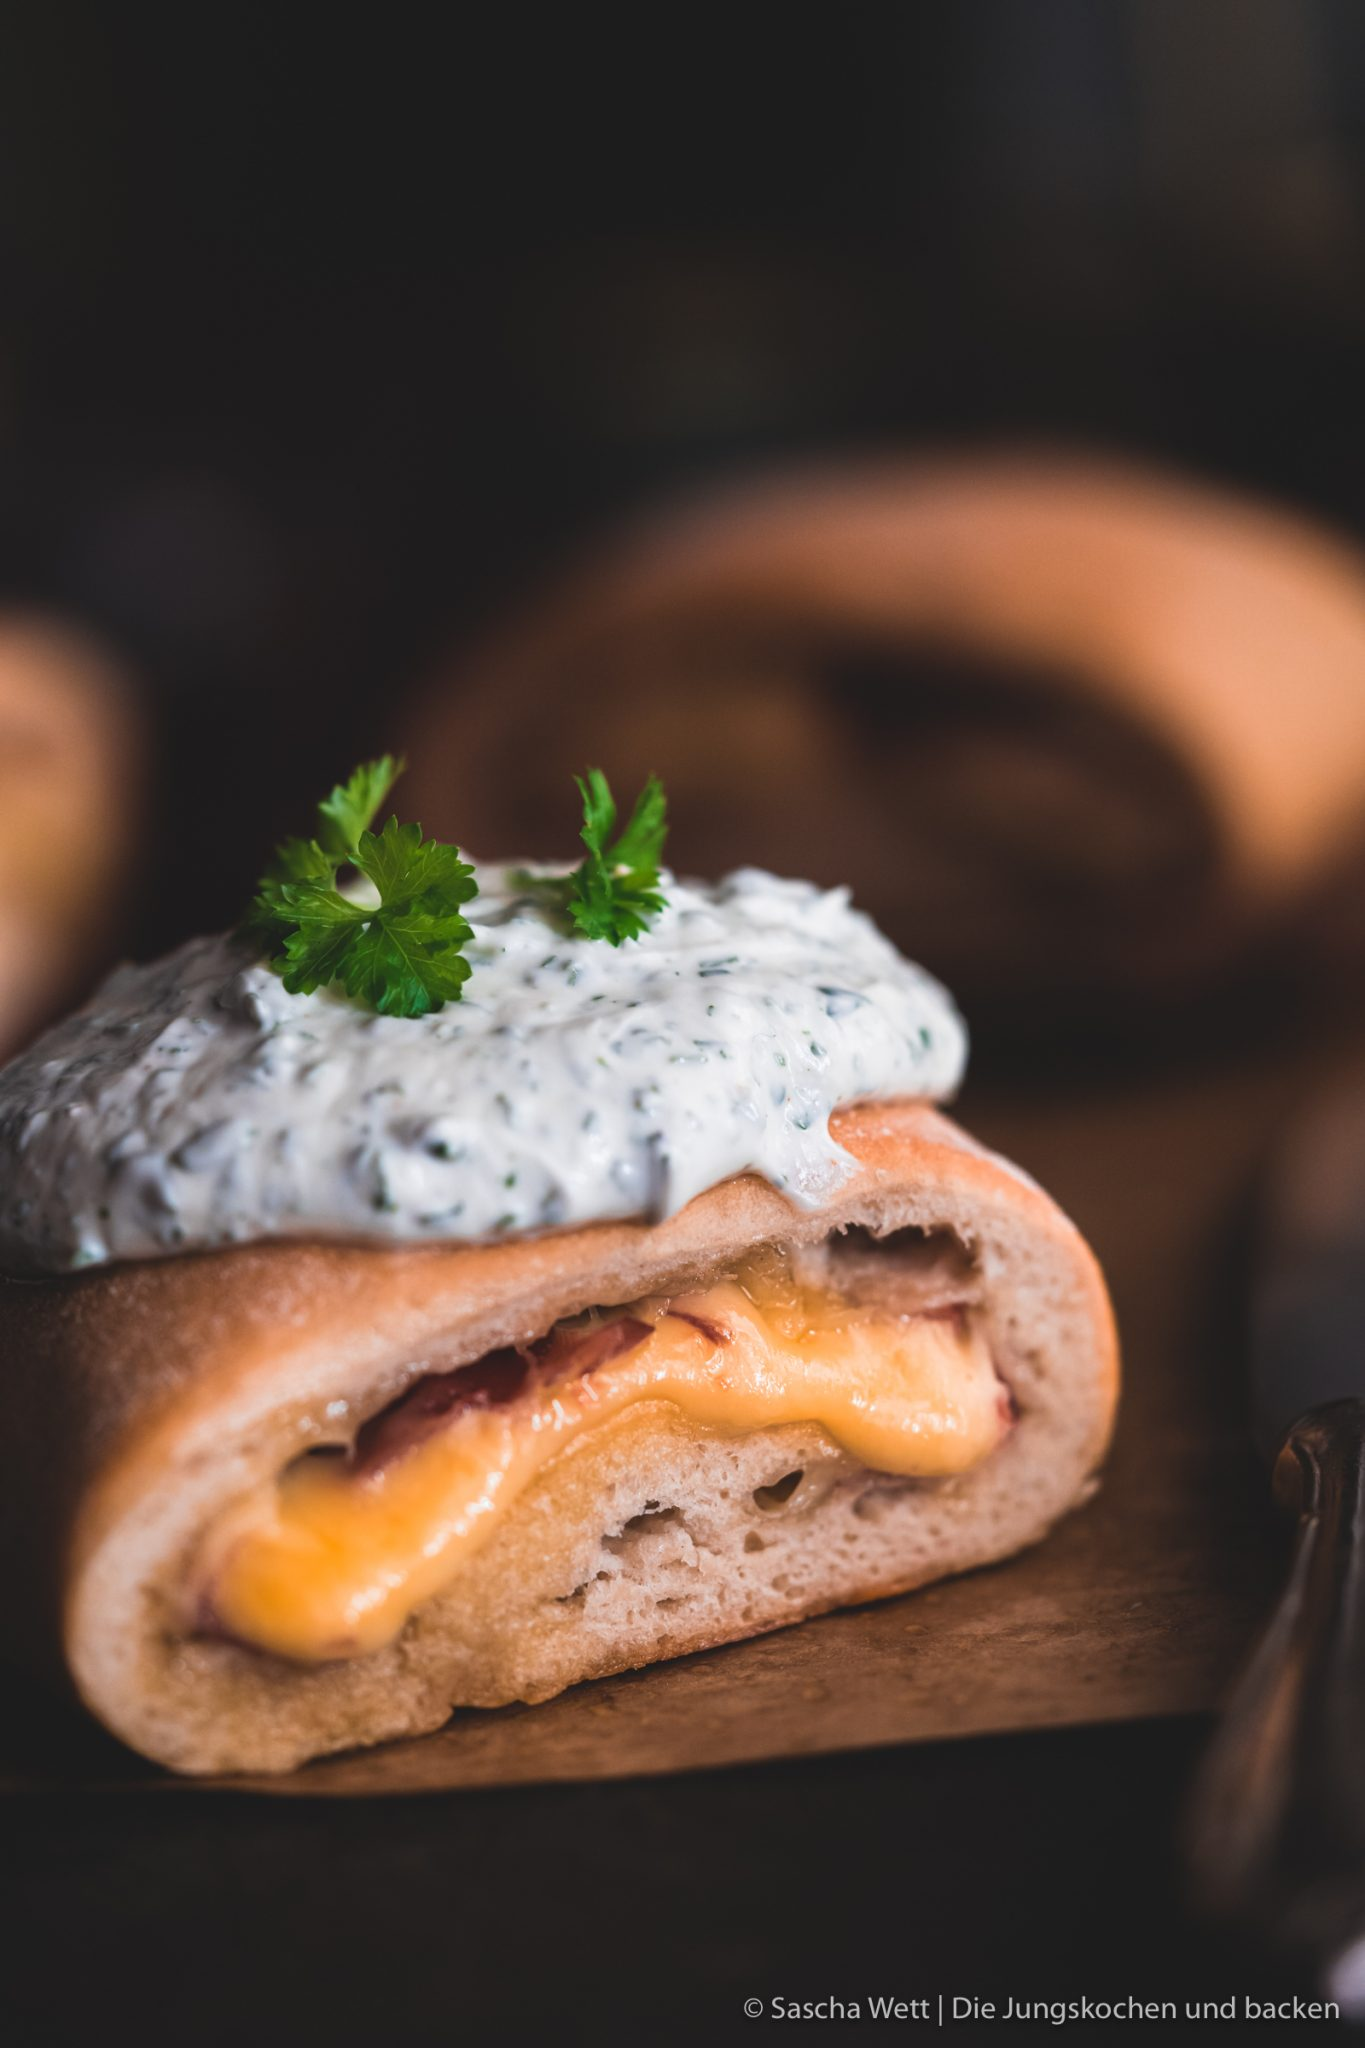 Handbrot 2 | Unser Handbrot kennt ihr ja schon und habt es längst selber oft nachgebacken. Wir können niemals auf dem Weihnachtsmarkt einfach am Handbrotstand vorbei gehen, ohne uns eine Portion davon zu holen. Wir lieben es, wenn der heiße Käse zwischen dem frisch gebackenen Hefeteig zerläuft und wir nur noch genießen.